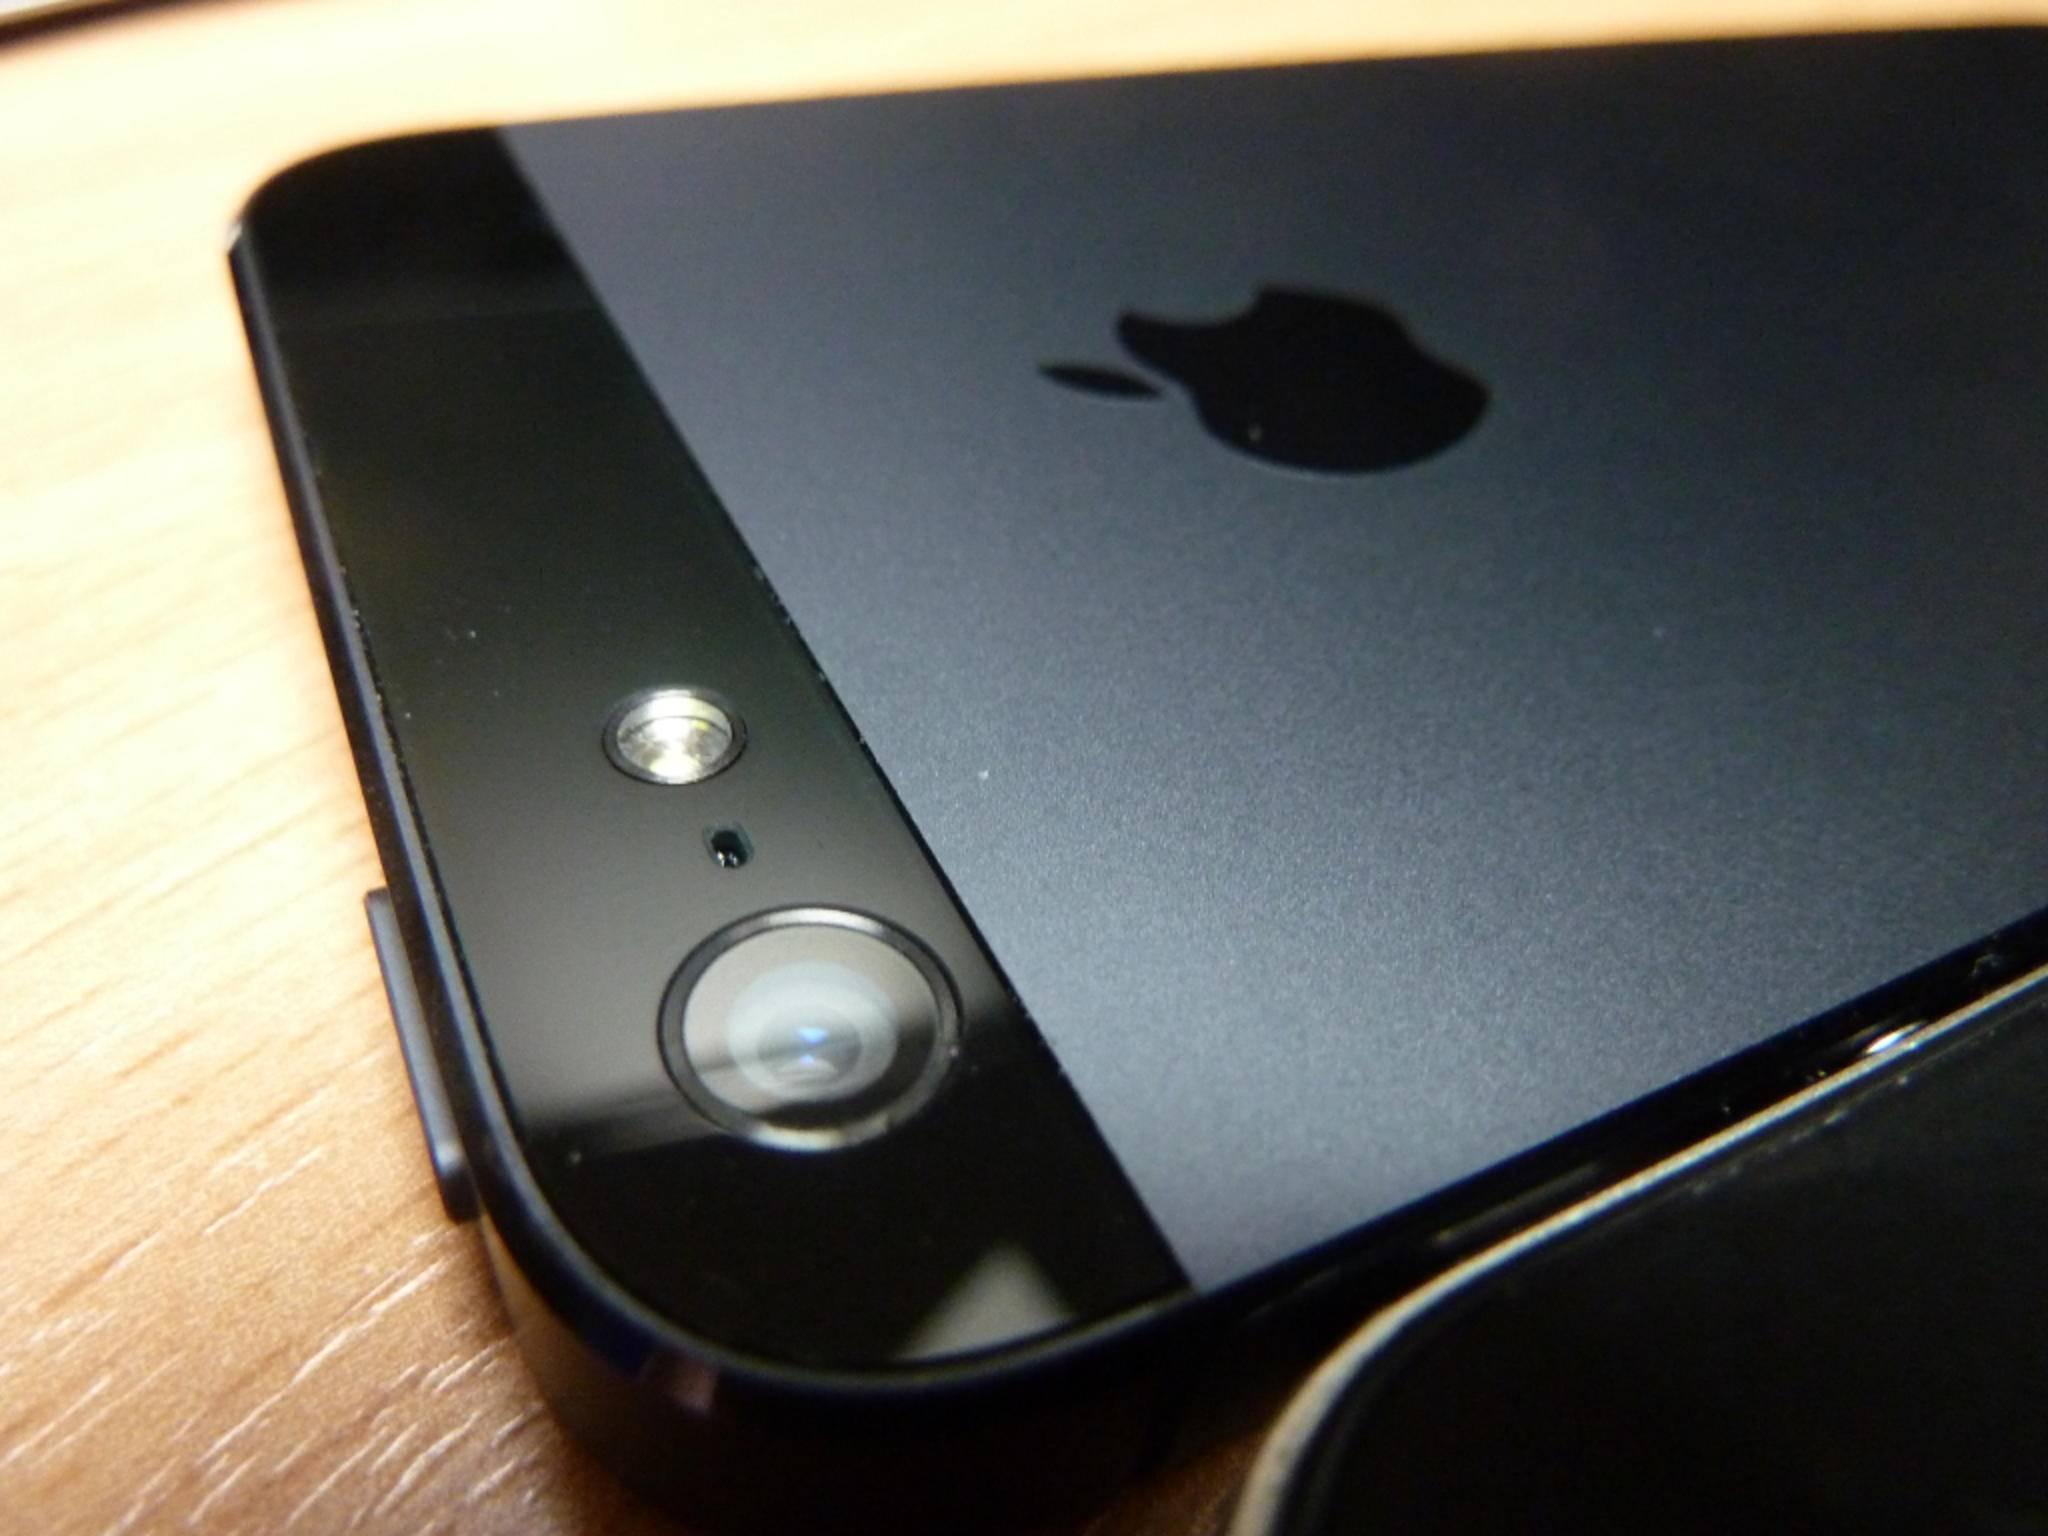 Apple tauscht defekte Standby-Tasten beim iPhone 5 weiterhin aus.